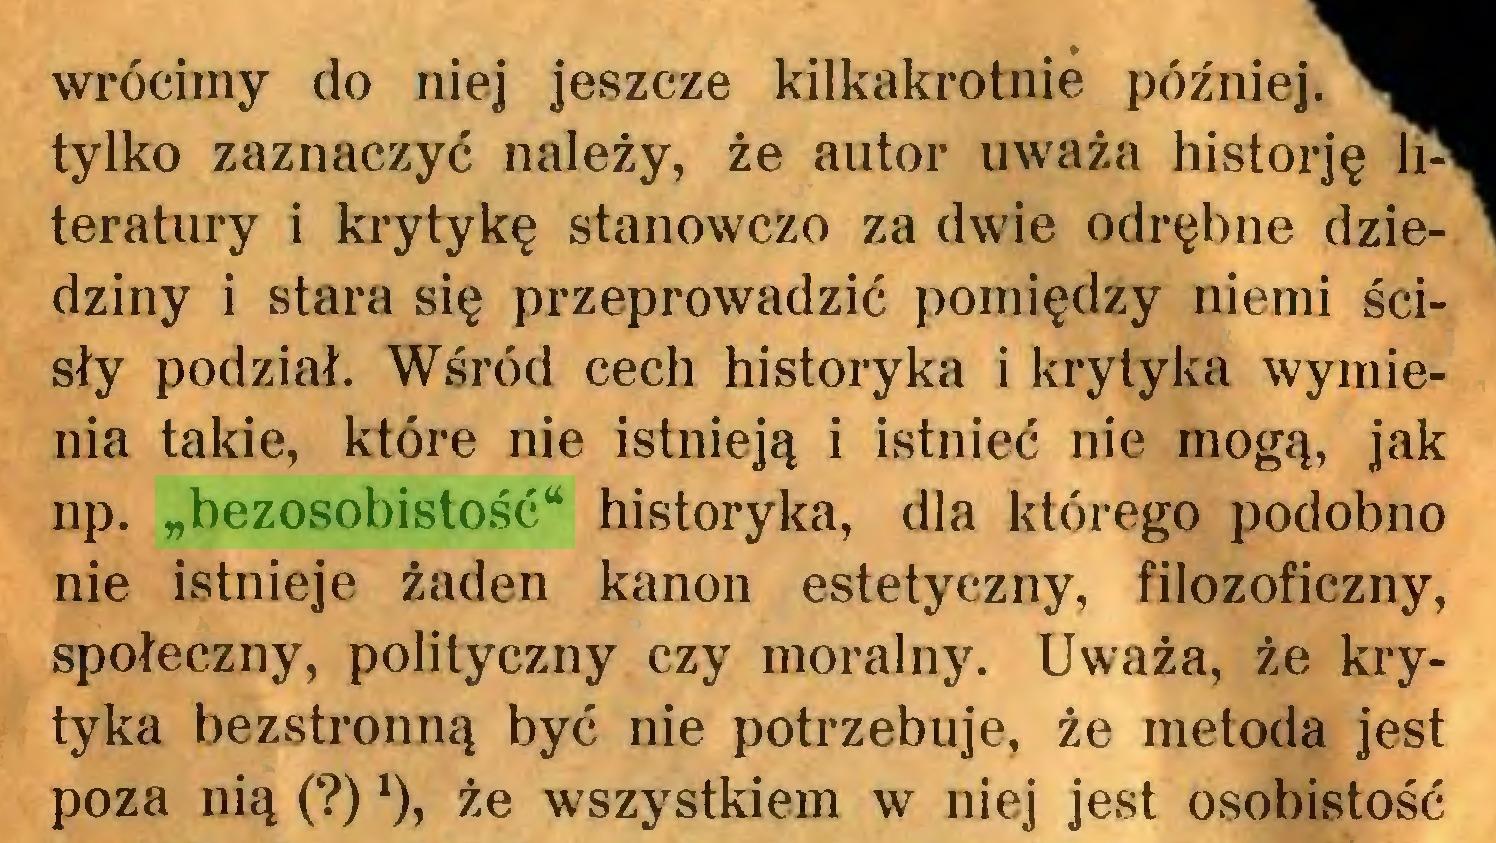 """(...) wrócimy do niej jeszcze kilkakrotnie później, tylko zaznaczyć należy, że autor uważa historję literatury i krytykę stanowczo za dwie odrębne dziedziny i stara się przeprowadzić pomiędzy niemi ścisły podział. Wśród cech historyka i krytyka wymienia takie, które nie istnieją i istnieć nie mogą, jak np. """"bezosobistość* historyka, dla którego podobno nie istnieje żaden kanon estetyczny, filozoficzny, społeczny, polityczny czy moralny. Uważa, że krytyka bezstronną być nie potrzebuje, że metoda jest poza nią (?)x), że wszystkiem w niej jest osobistość..."""